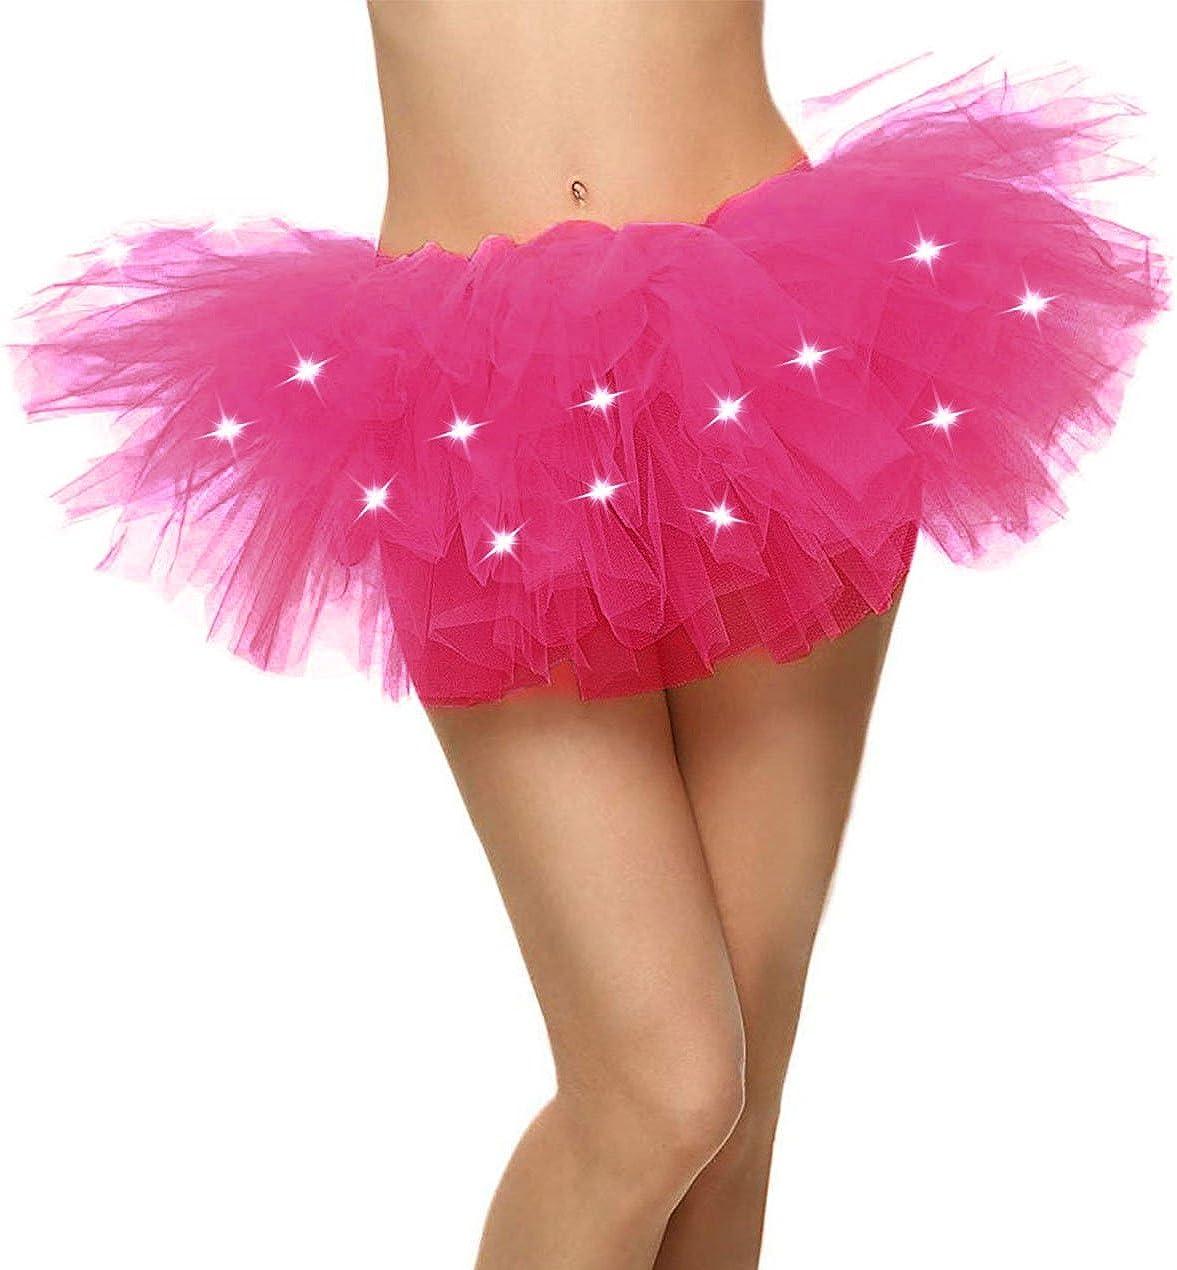 Women's LED Light Up Neon Tulle Tutu Skirt